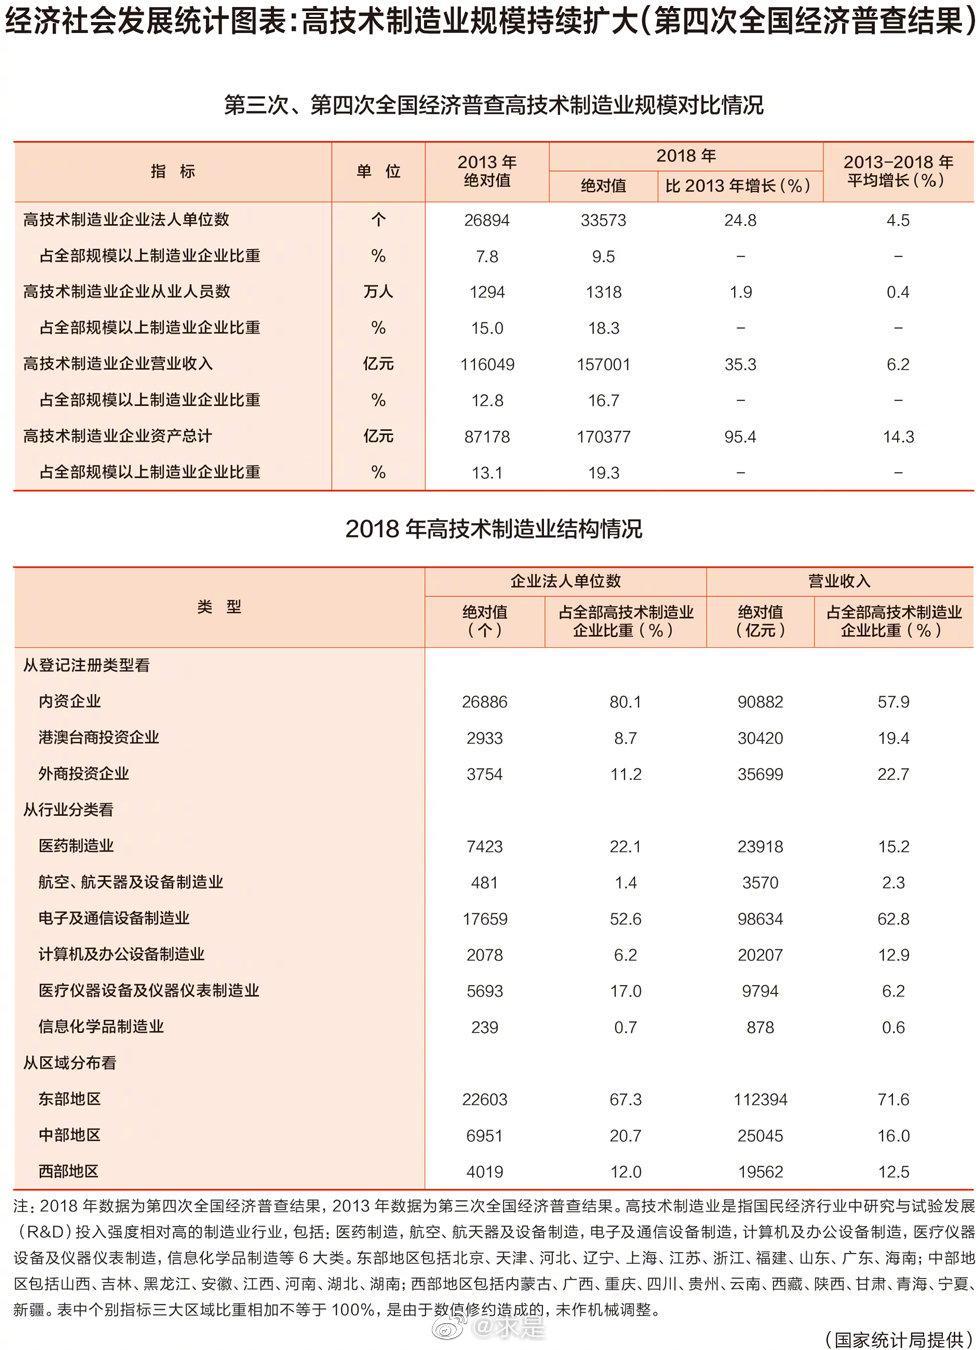 经济社会发展统计图表:高技术制造业规模持续扩大(第四次全国经济普查结果)